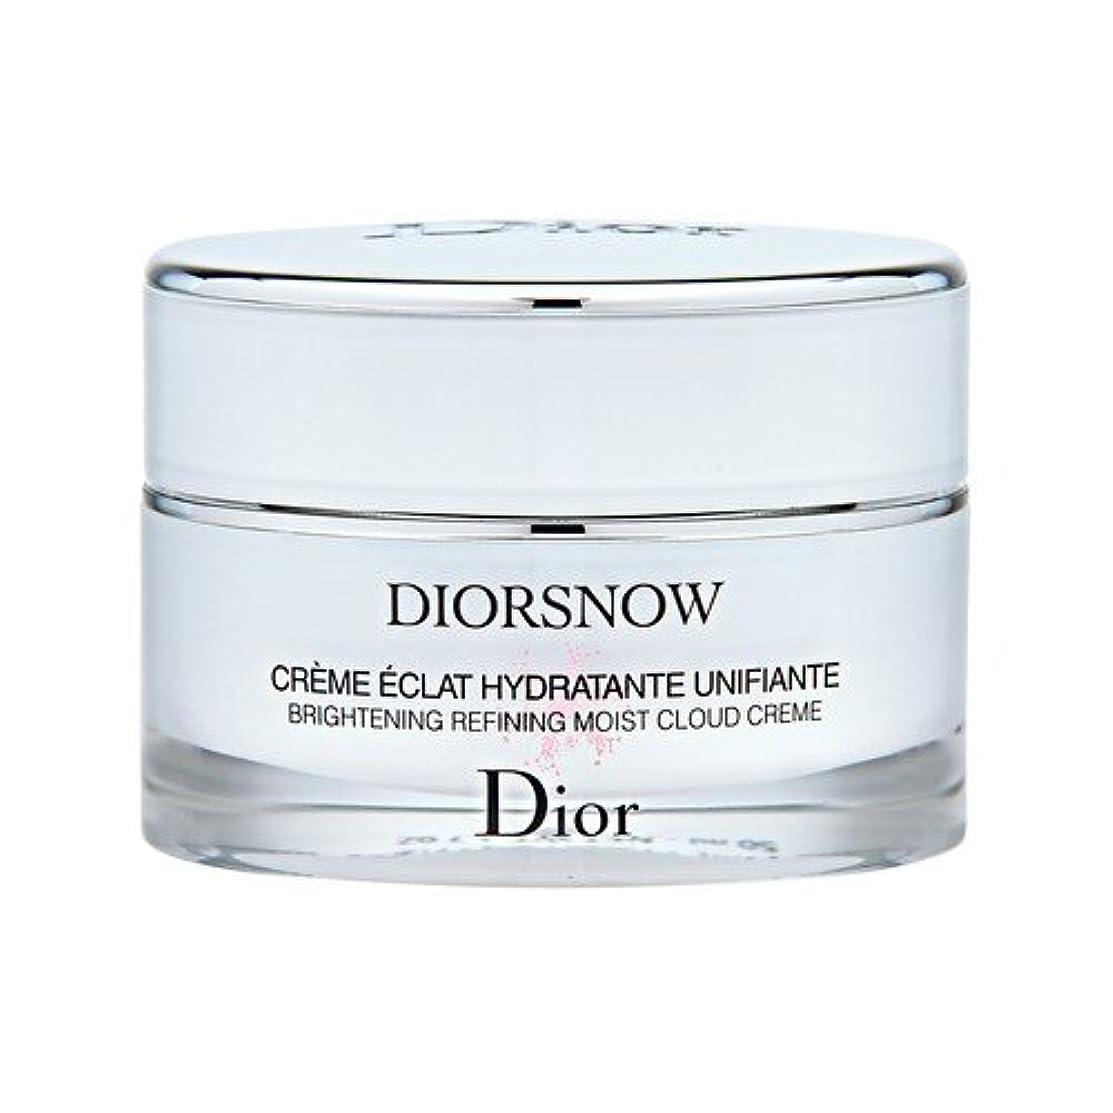 トラクターホップ弱いクリスチャン ディオール(Christian Dior) スノー ブライトニング モイスト クリーム 50ml[並行輸入品]